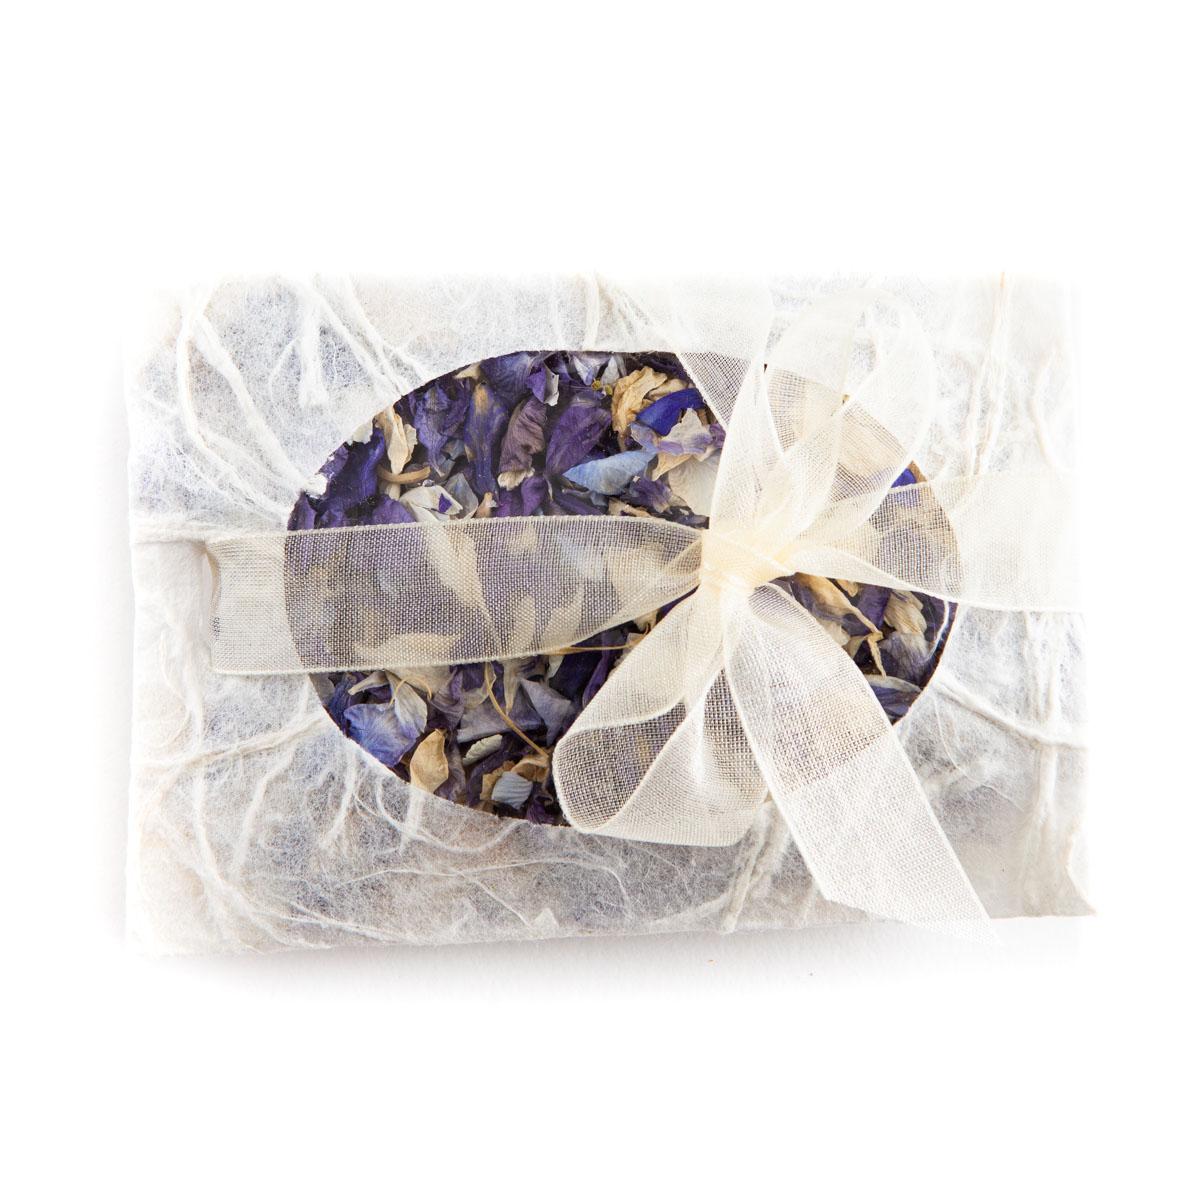 Biodegradable Confetti - Violet Mix Delphiniums - Petal Envelope